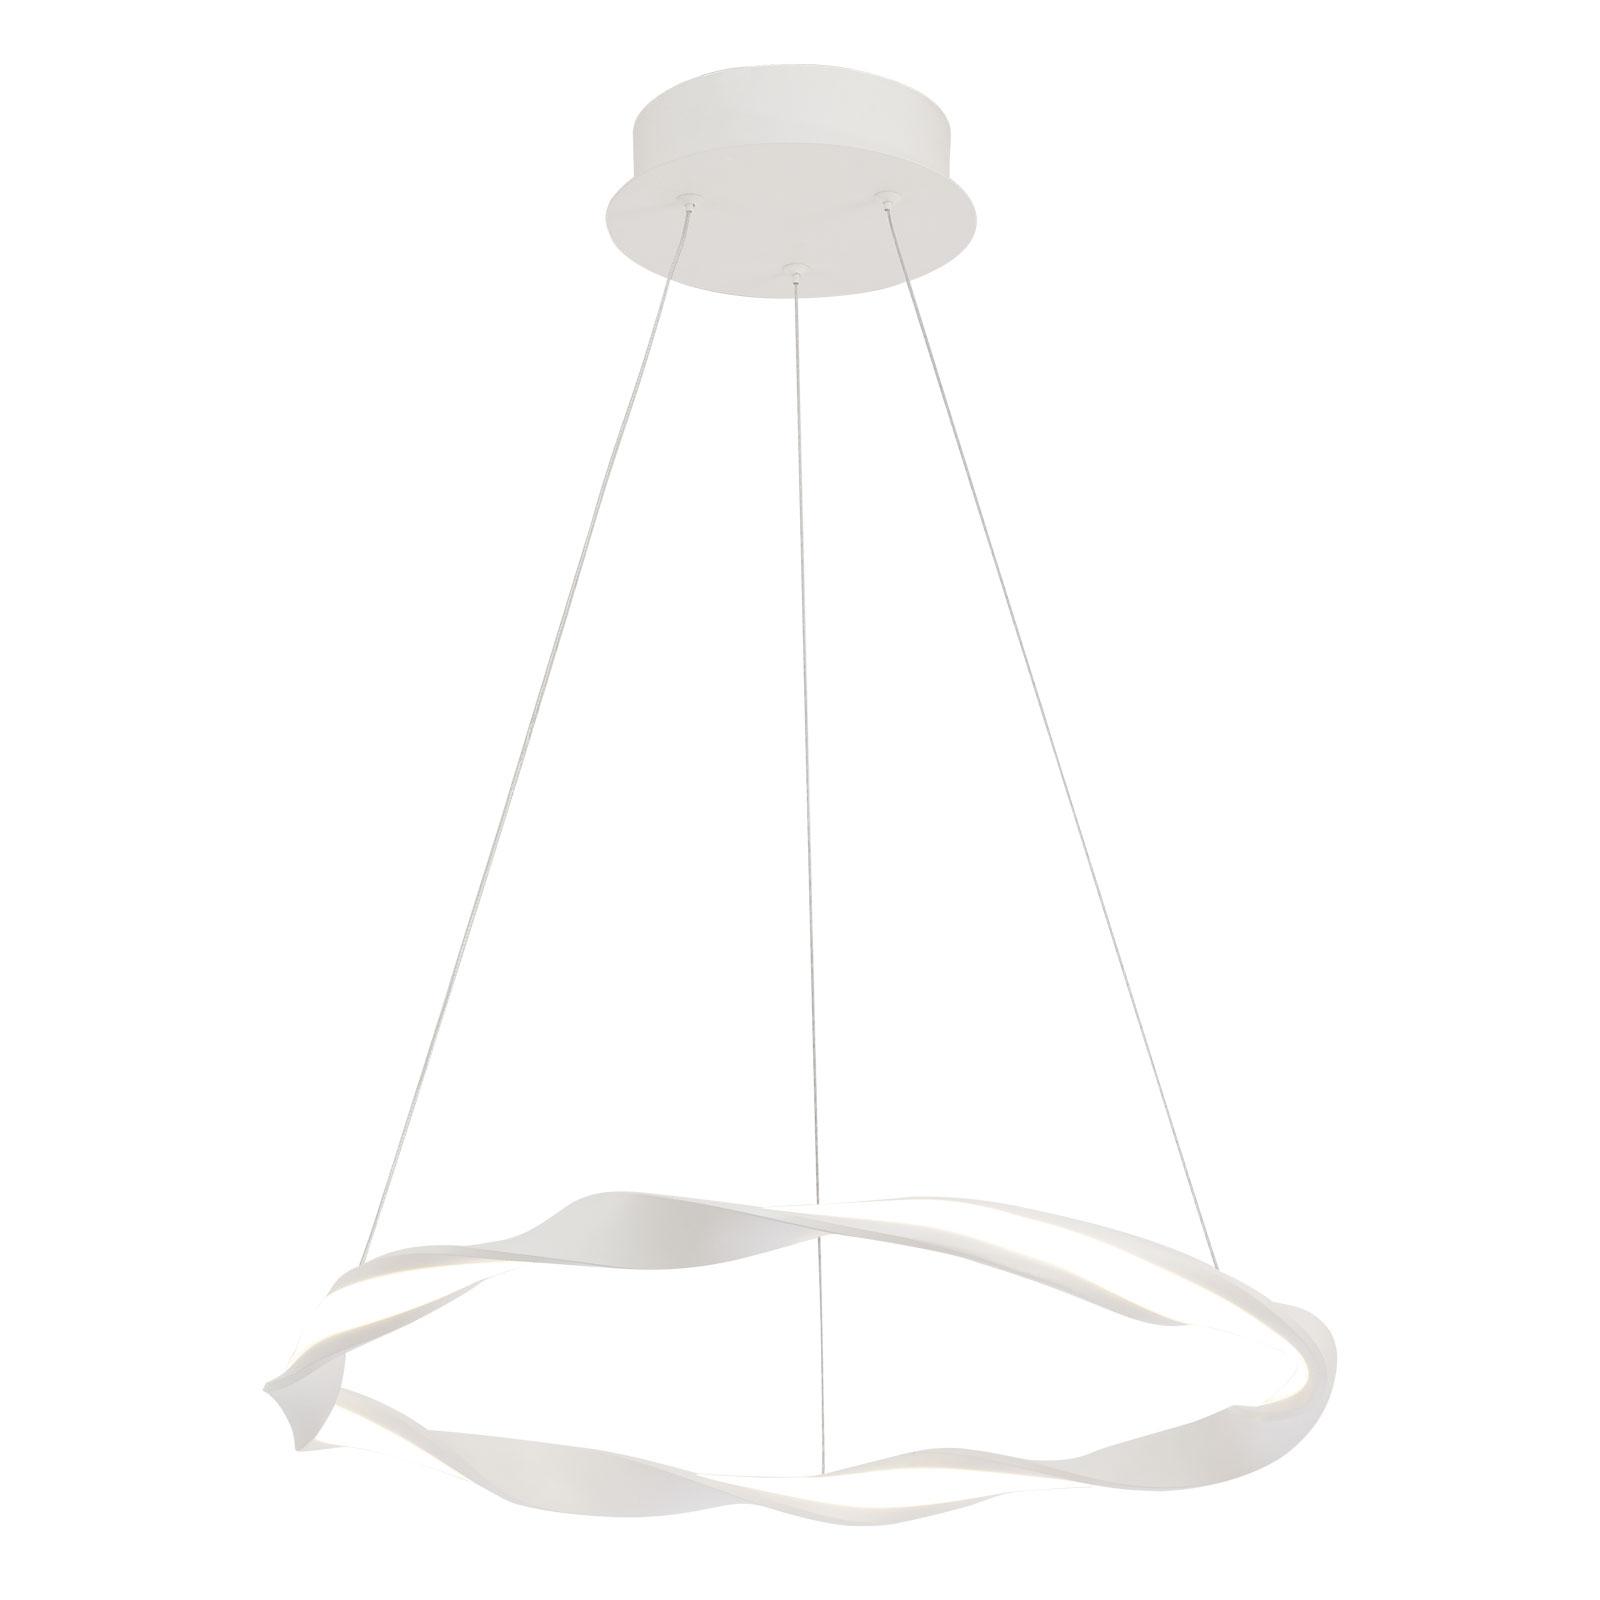 Lampa wisząca LED Madagascar piaskowa biel Ø 51 cm